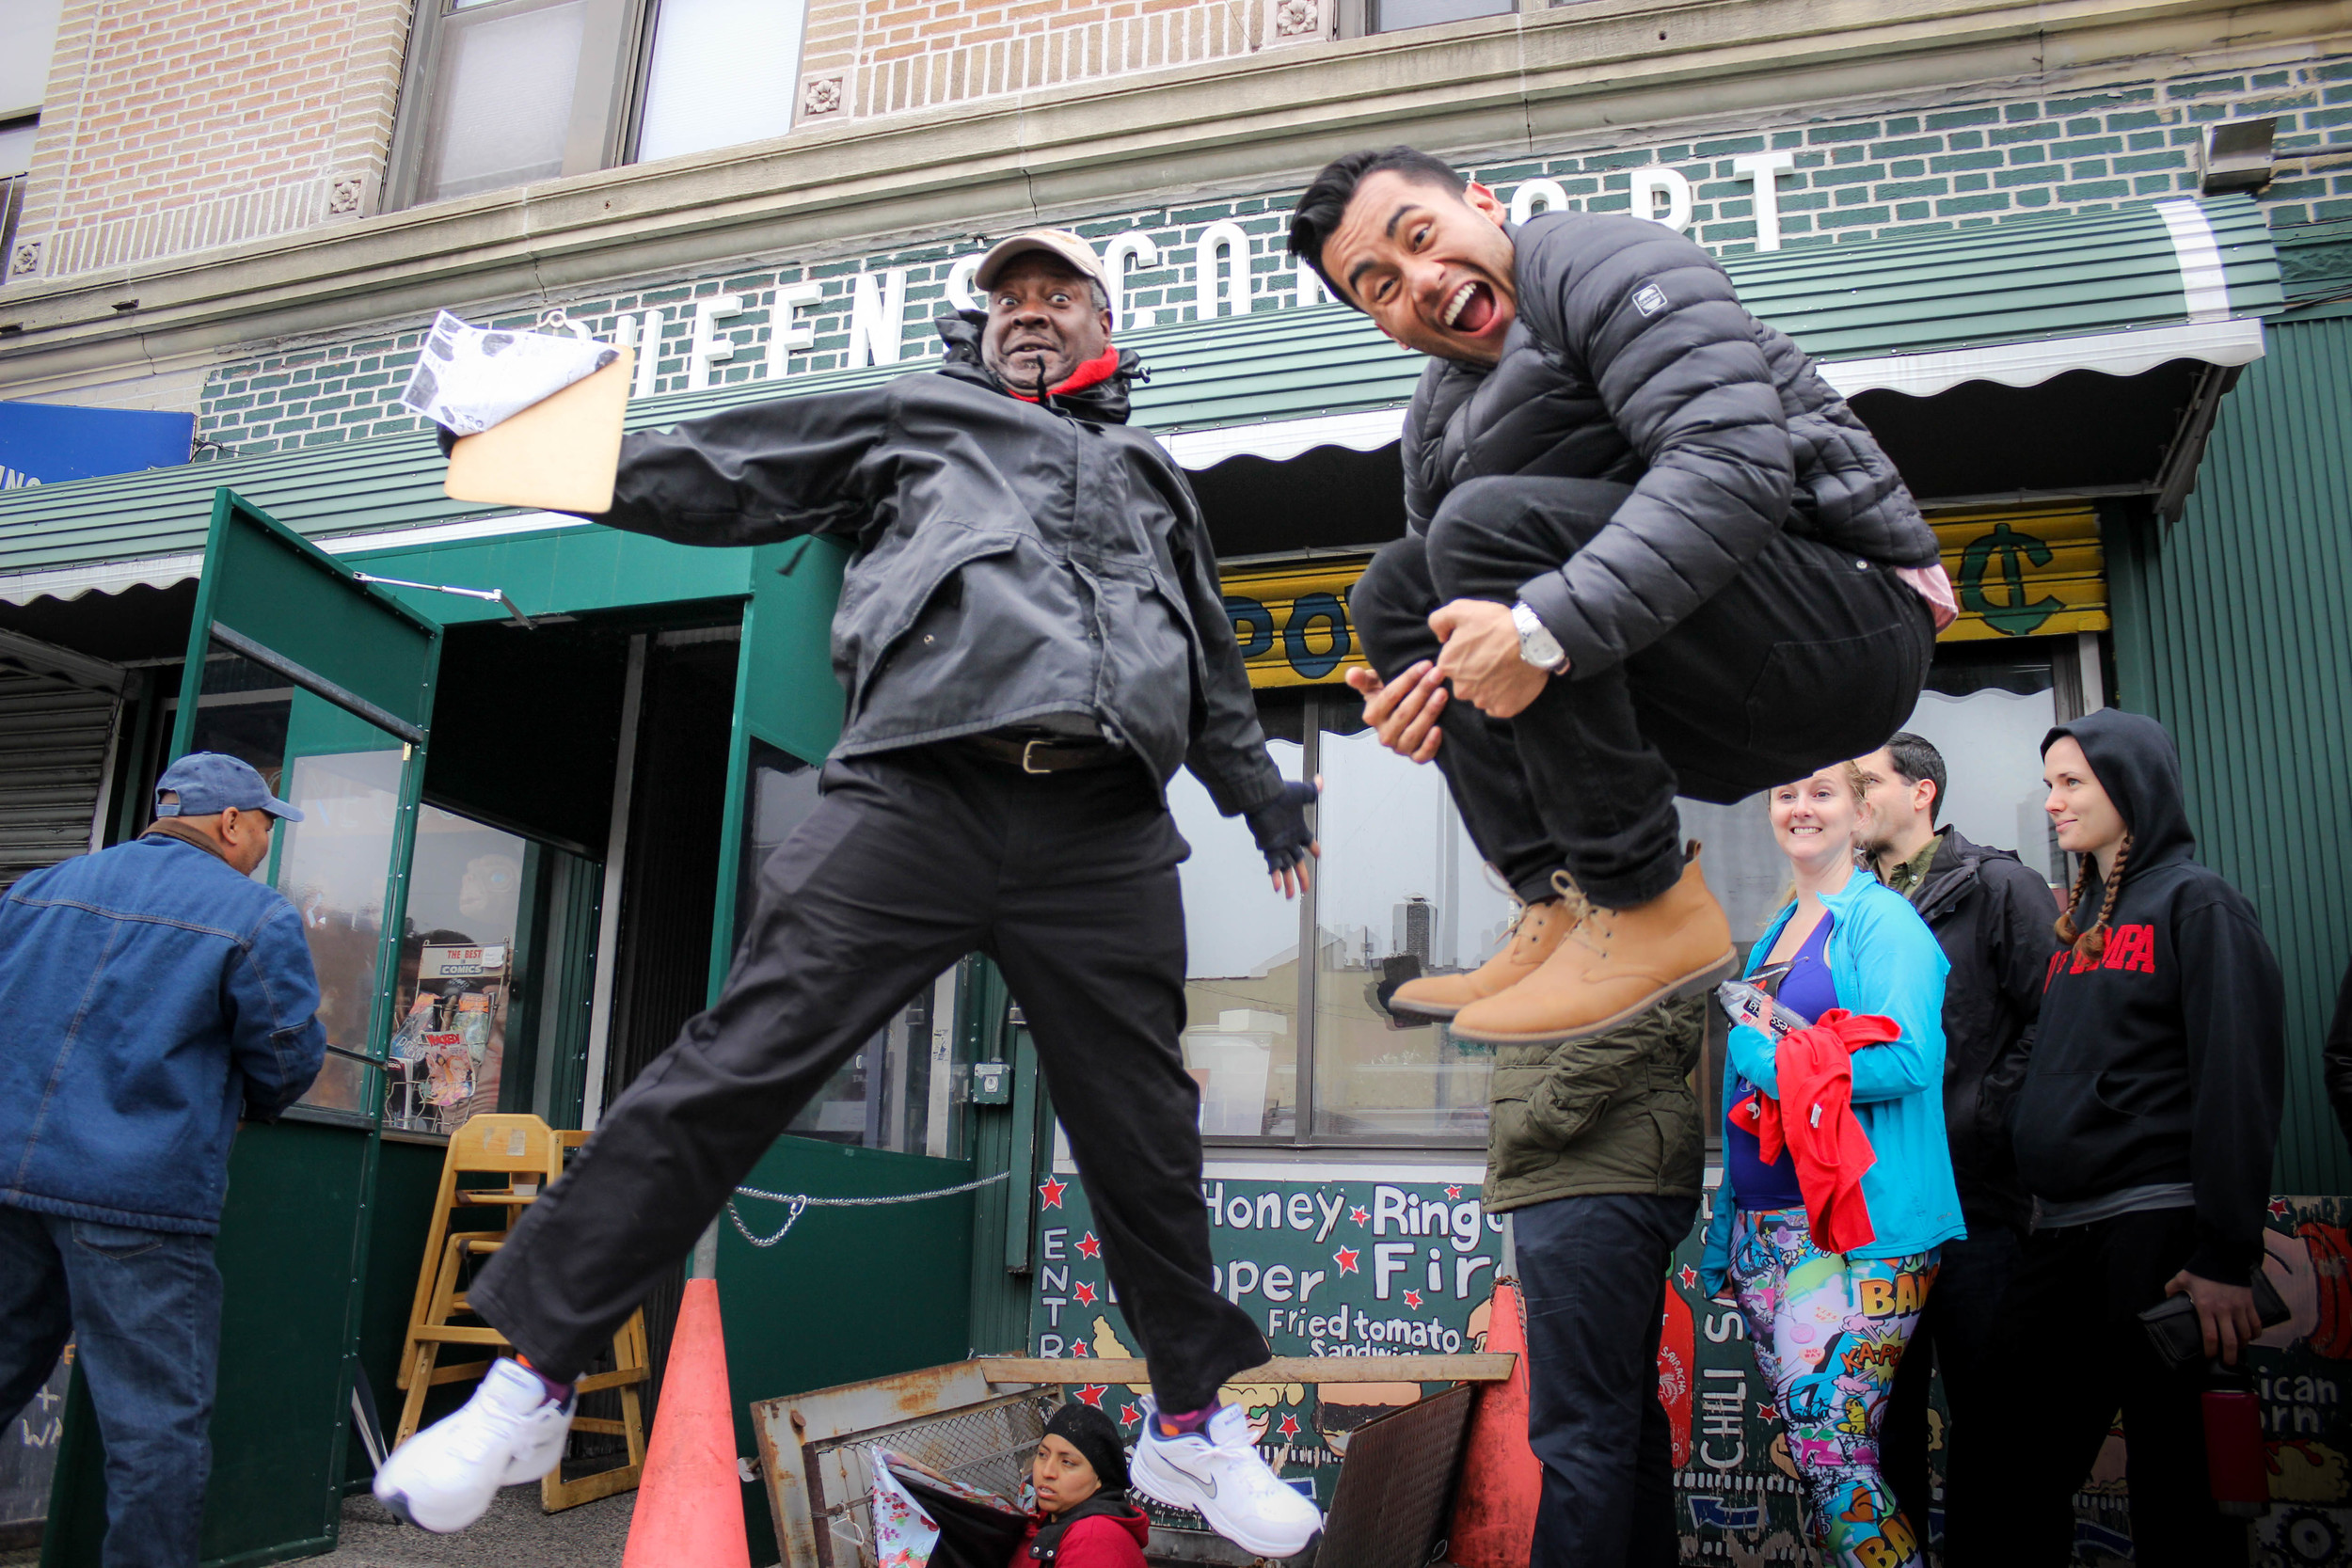 James Avatar & Luis having some fun while waiting!